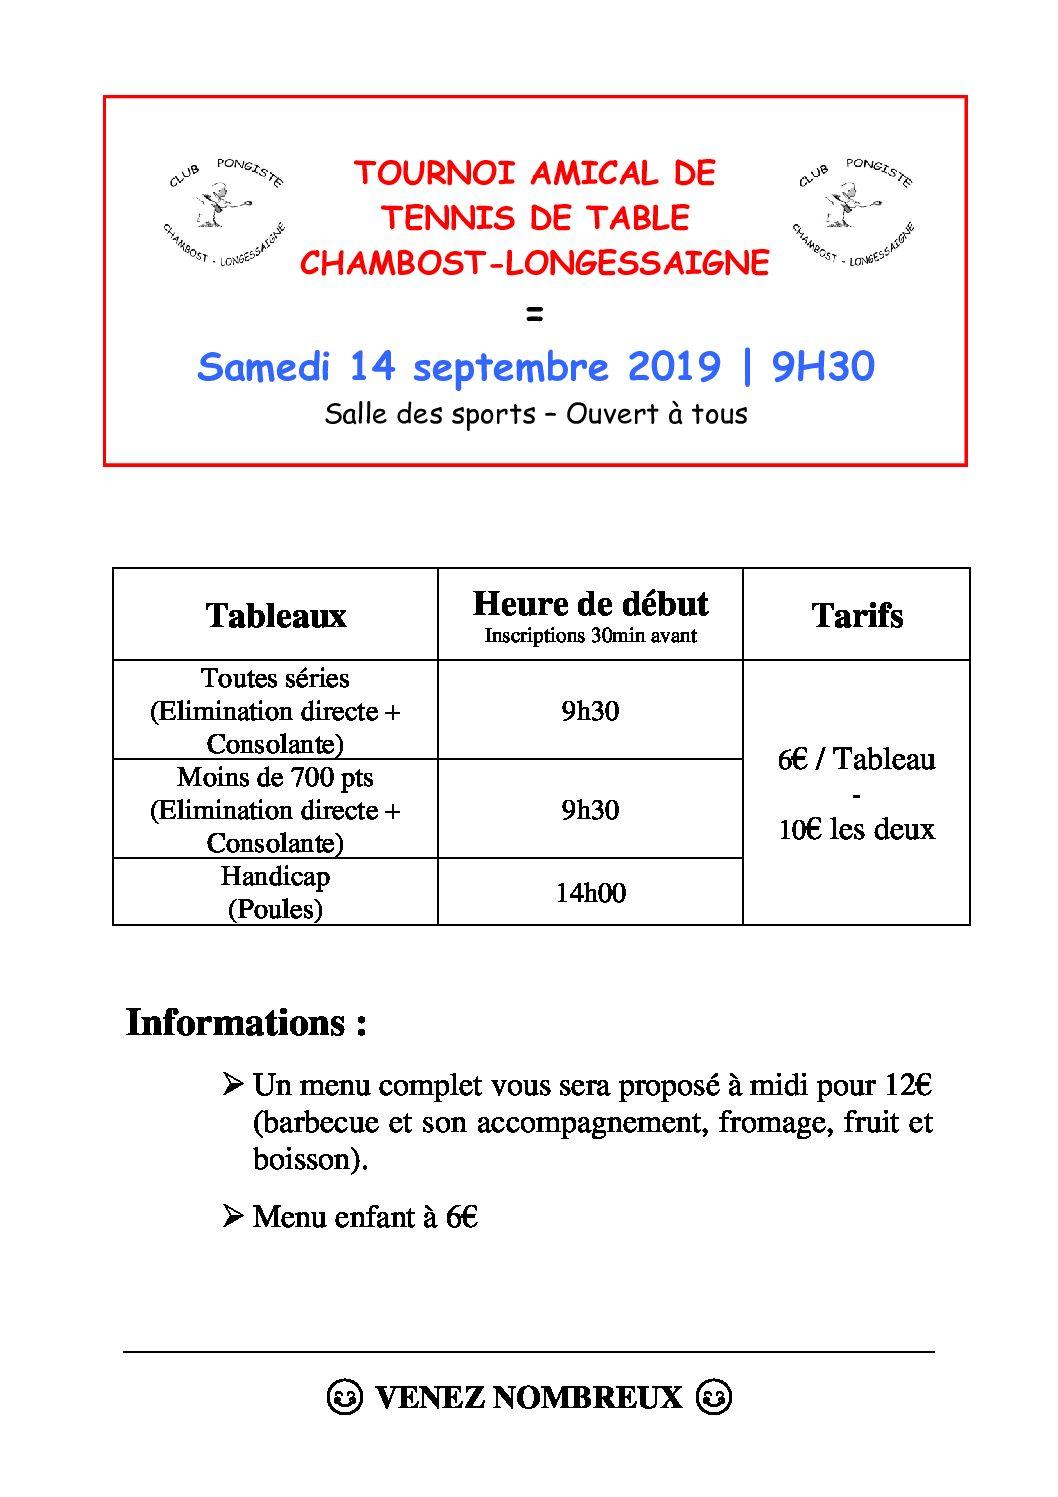 14 septembre 2019 : tournoi annuel du club de tennis de table de Chambost-Longessaigne (CPCL)